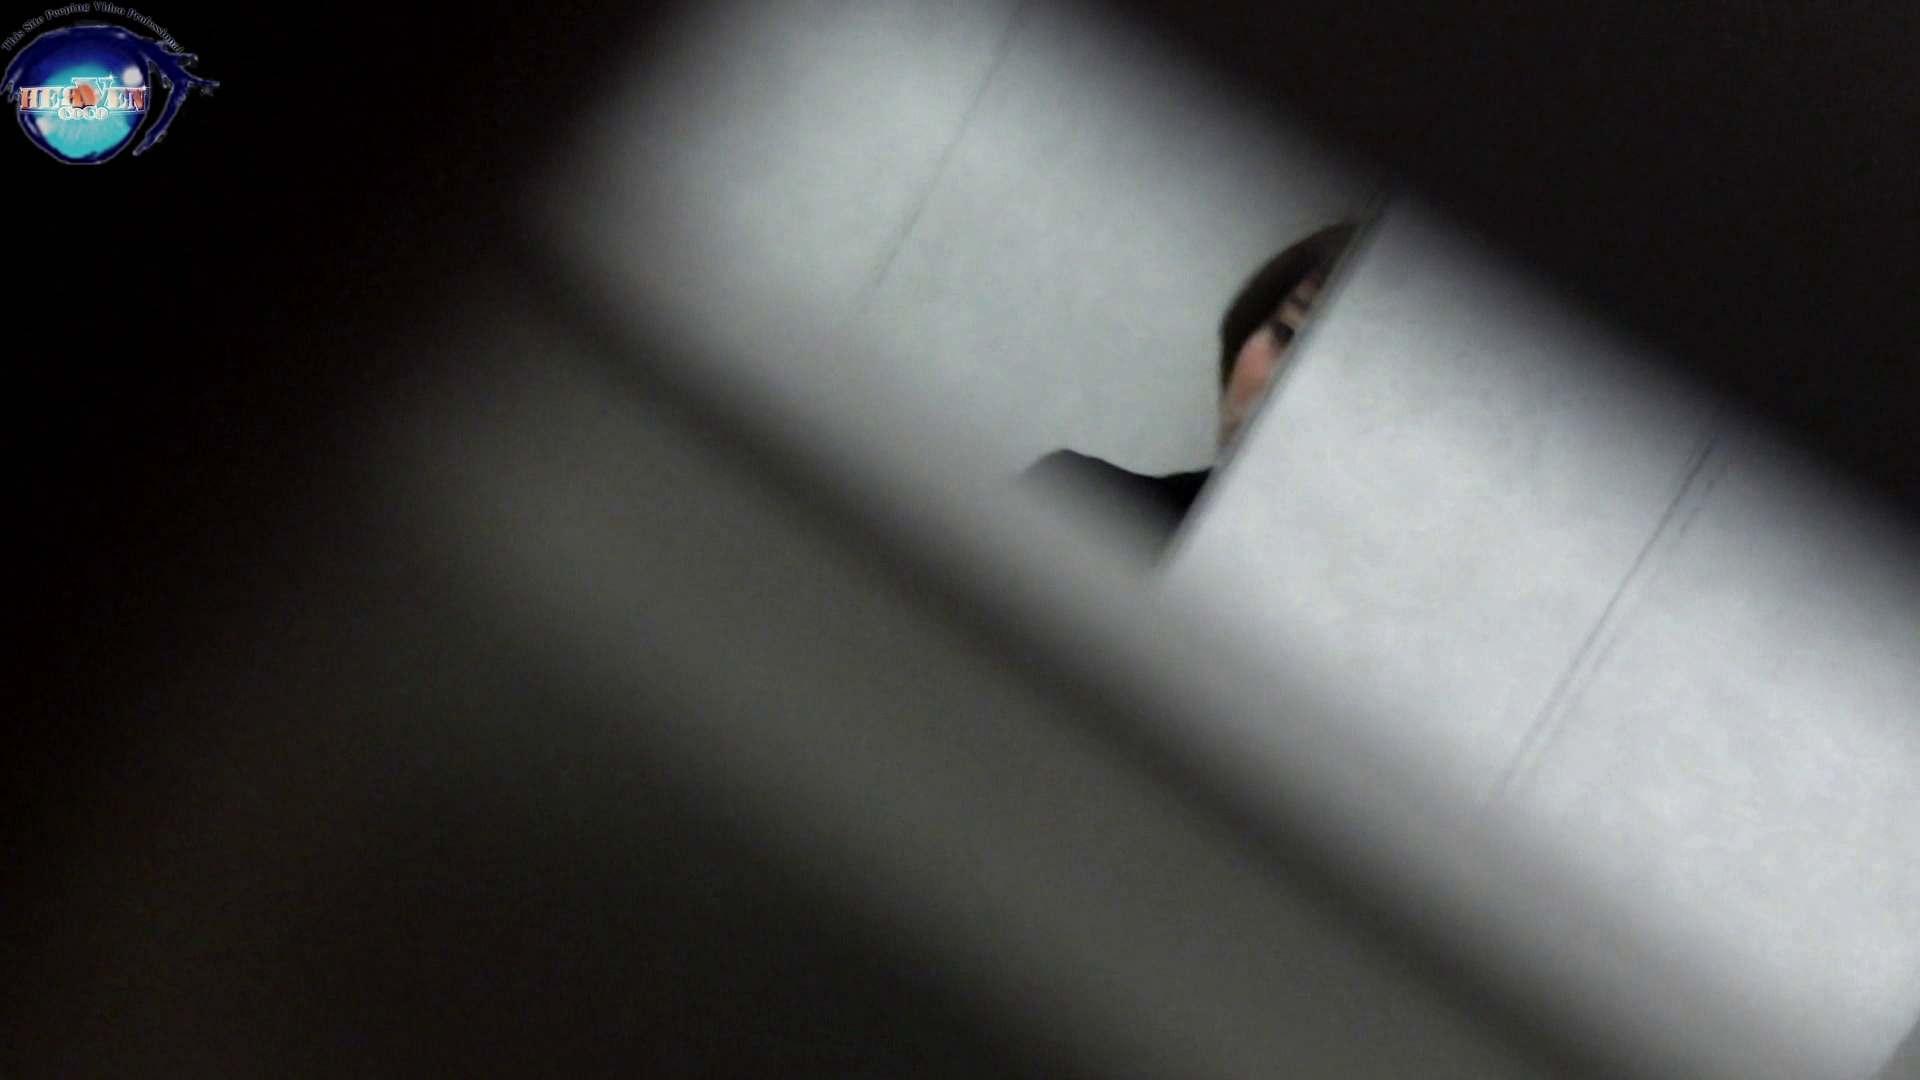 洗面所突入レポート!!お銀 vol.67 新たな場所への挑戦が始まる!!後編 洗面所編 | トイレ  100PIX 23